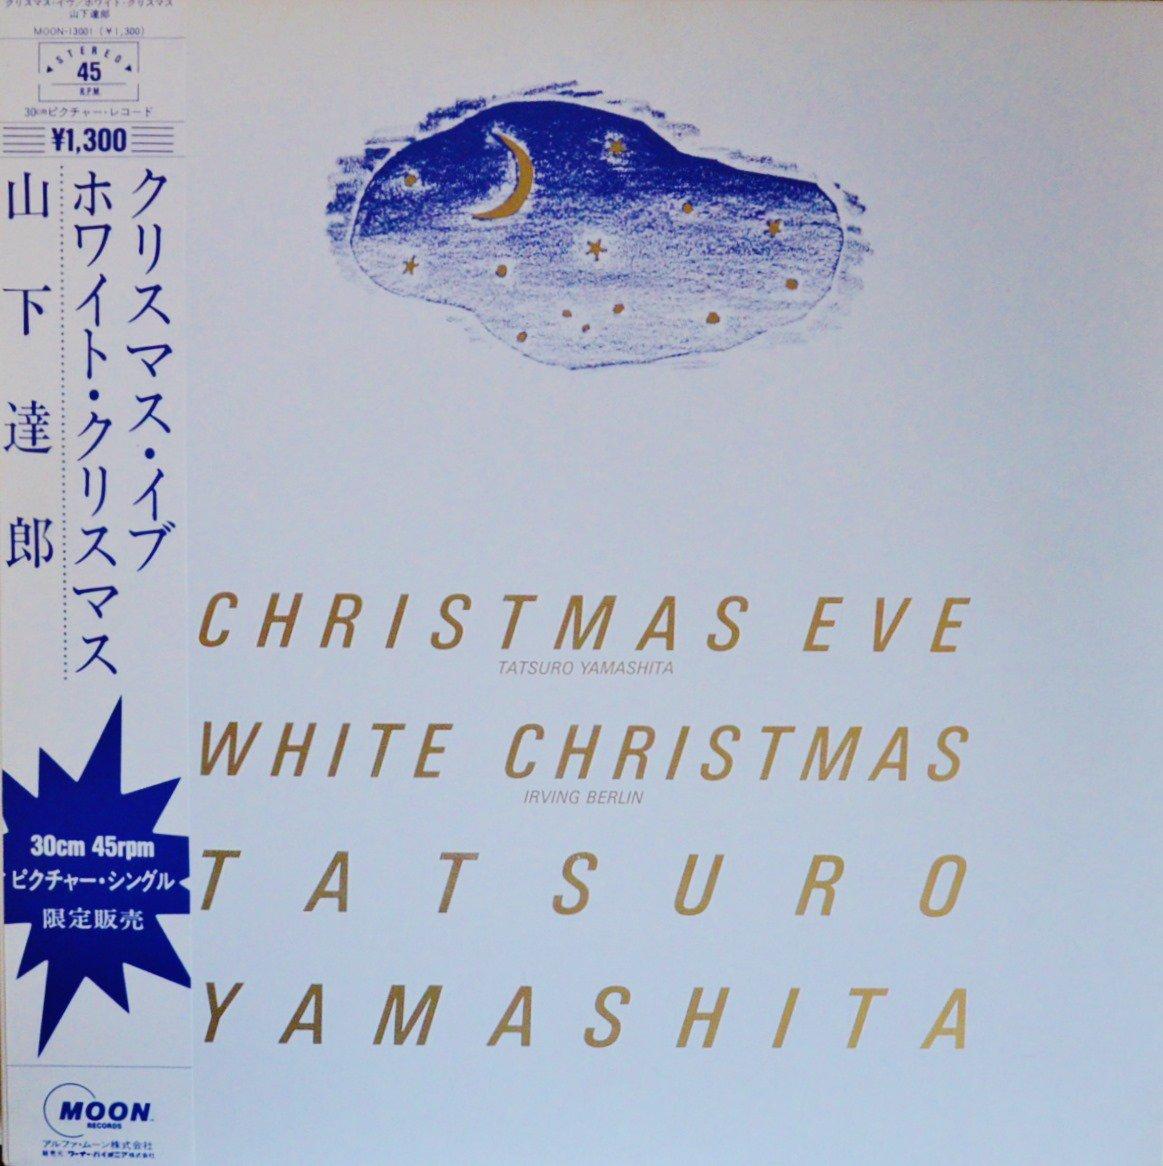 山下達郎 TATSURO YAMASHITA / クリスマス・イブ CHRISTMAS EVE / ホワイト・クリスマス (12